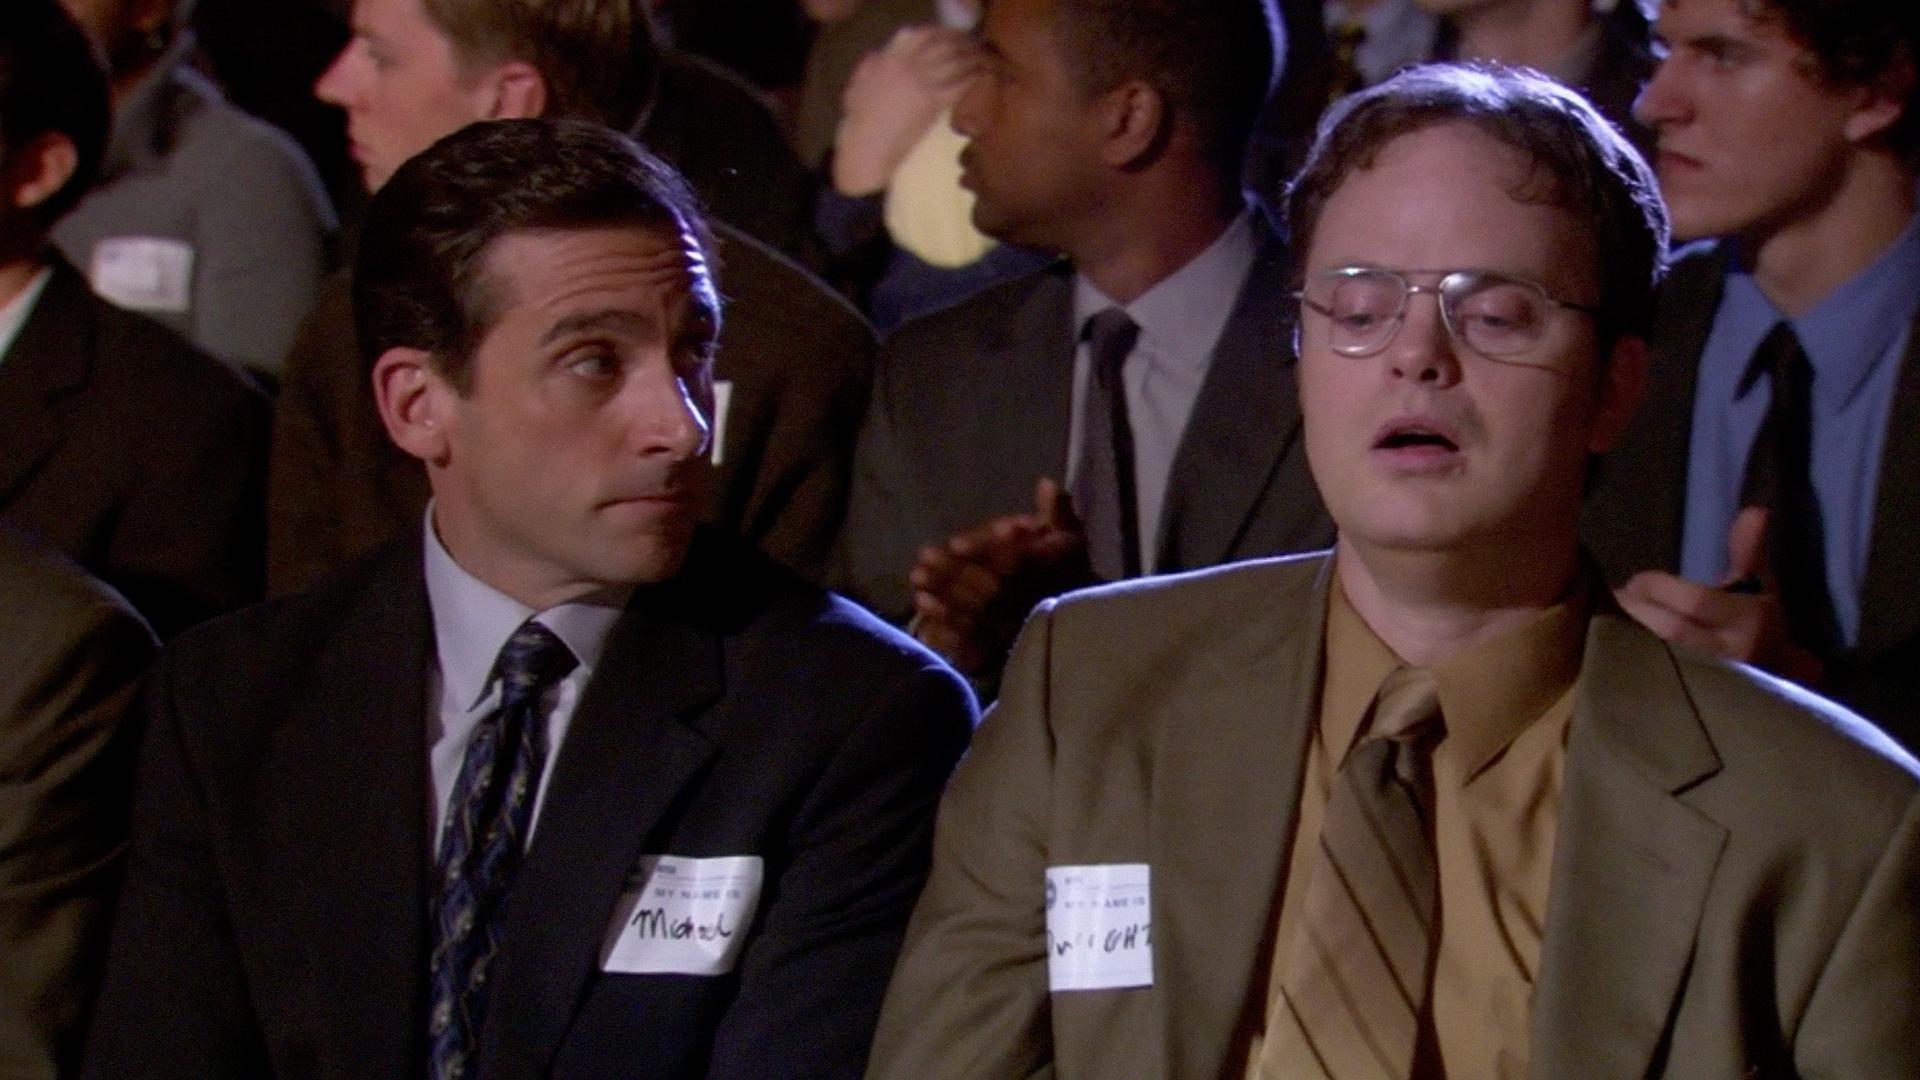 Dwight's Speech (Extended Cut)